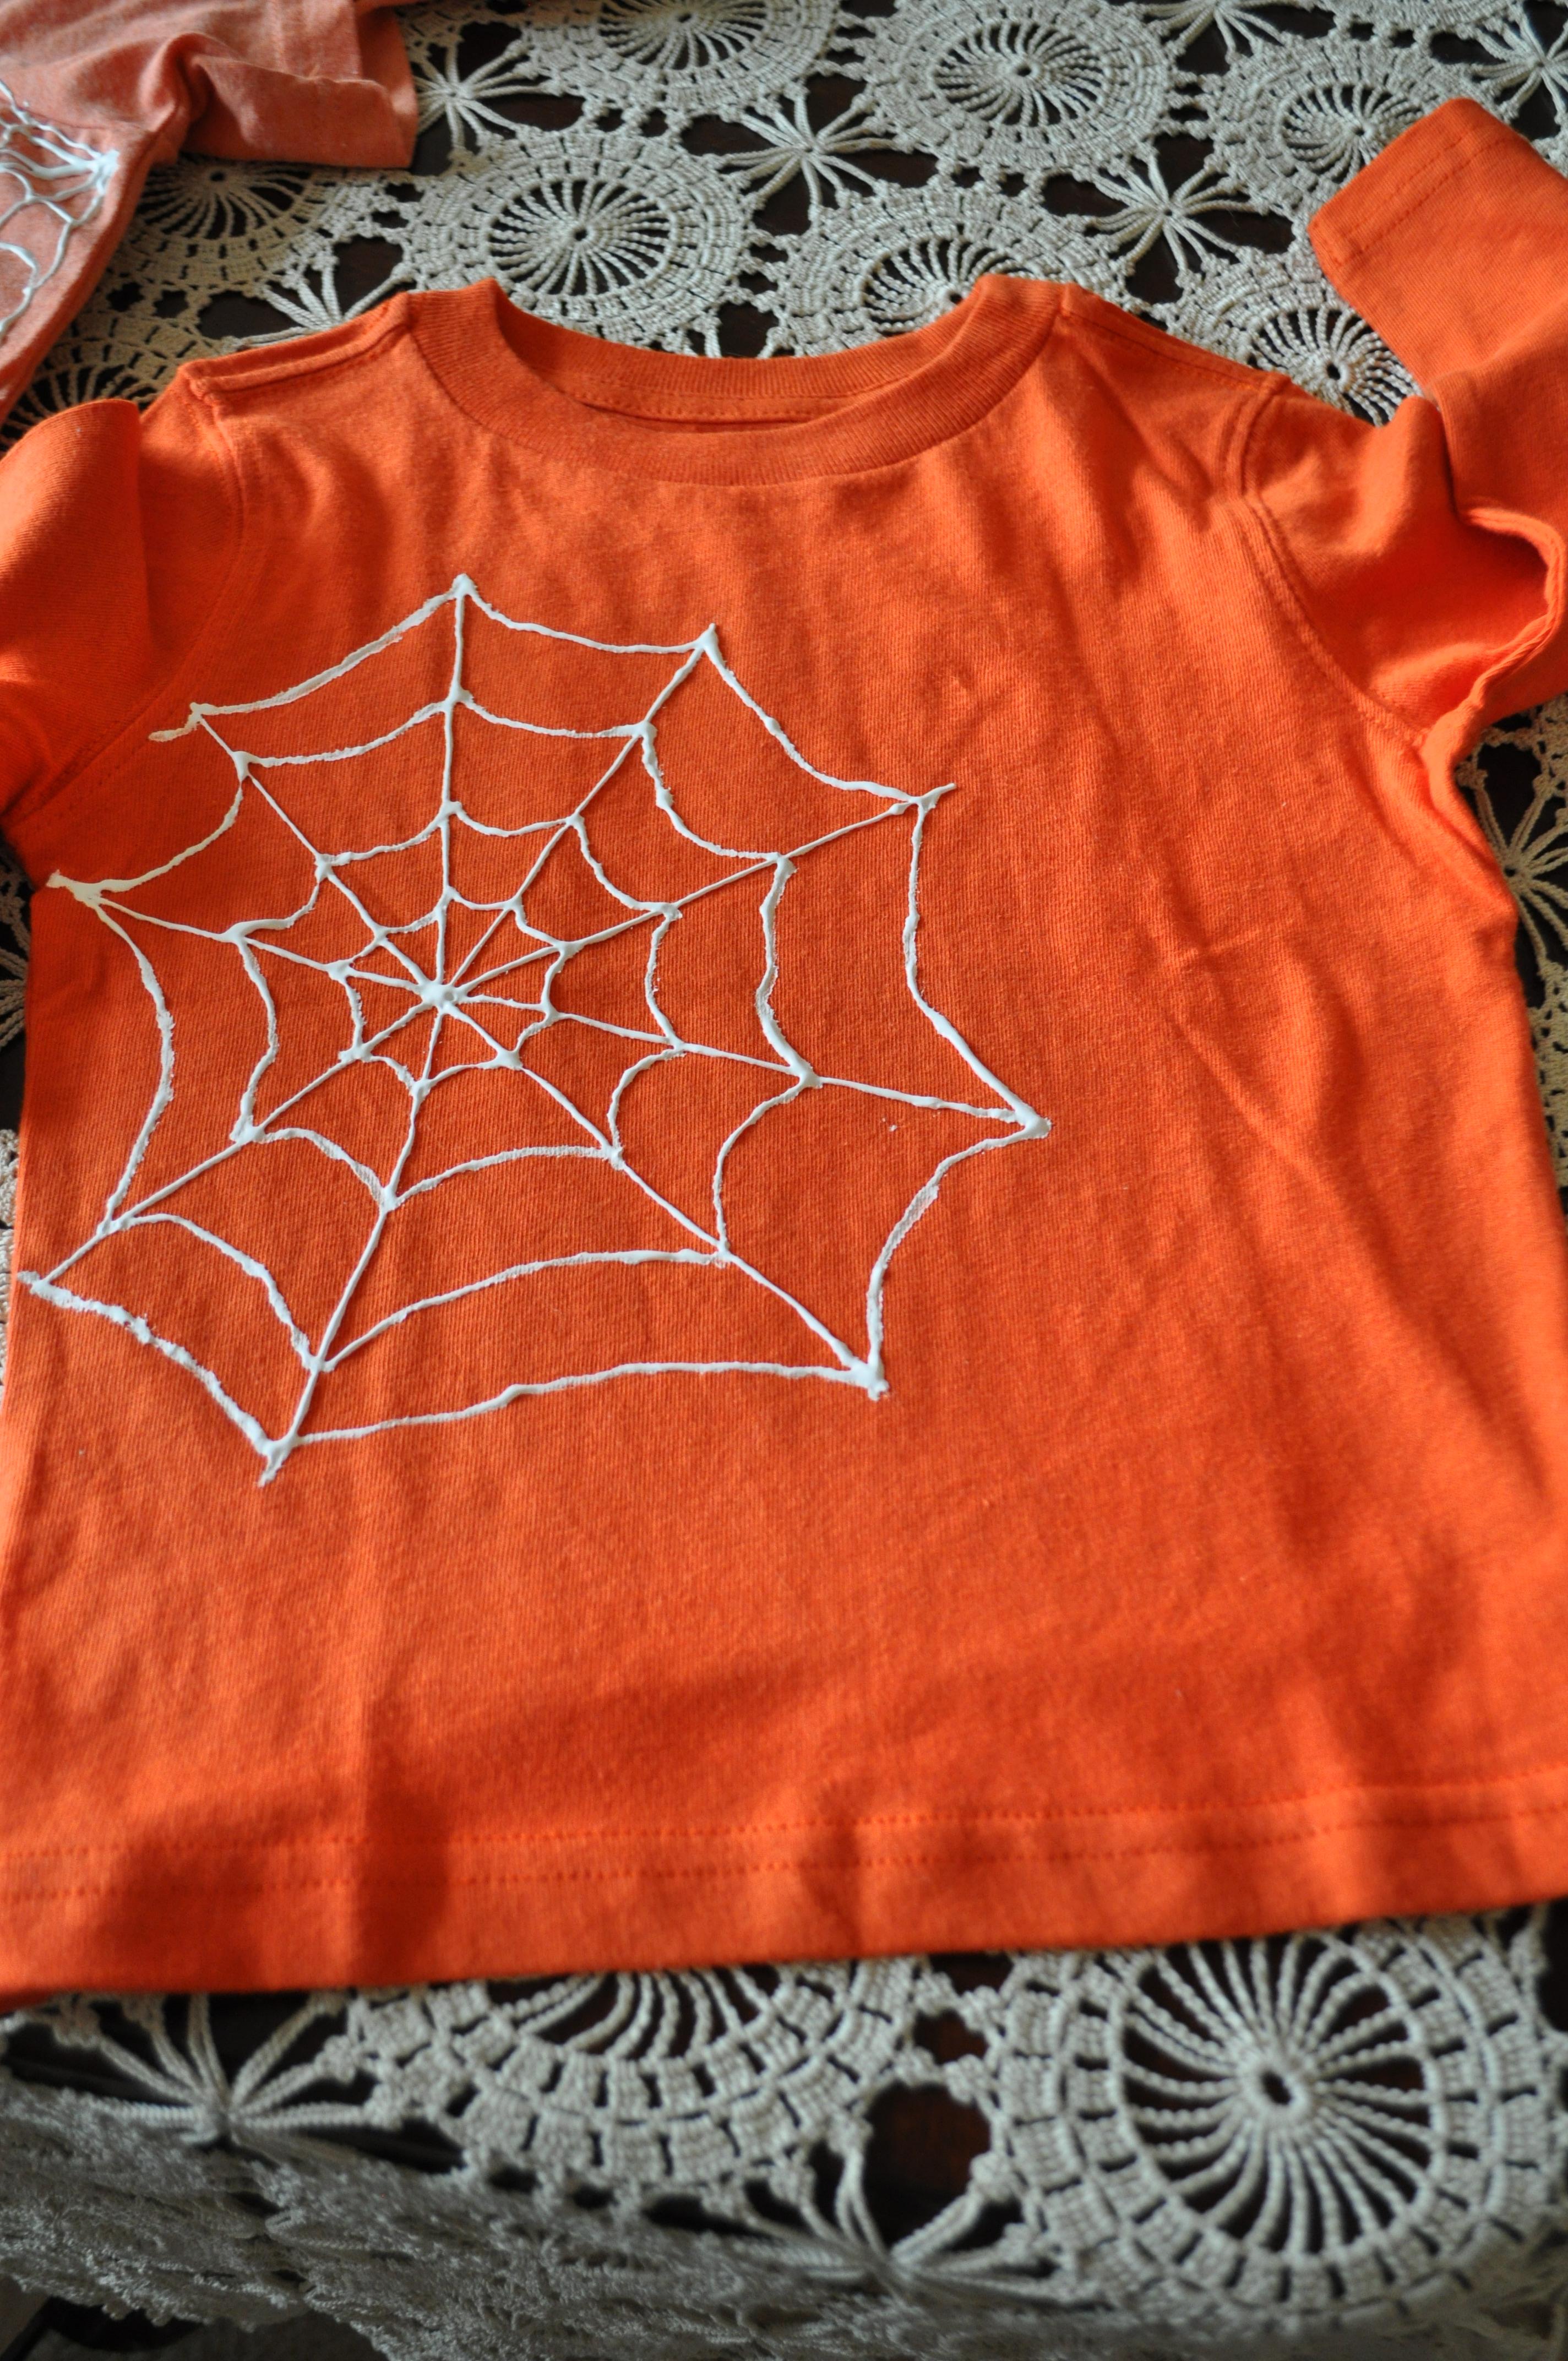 ryans shirt - Homemade Halloween Shirts